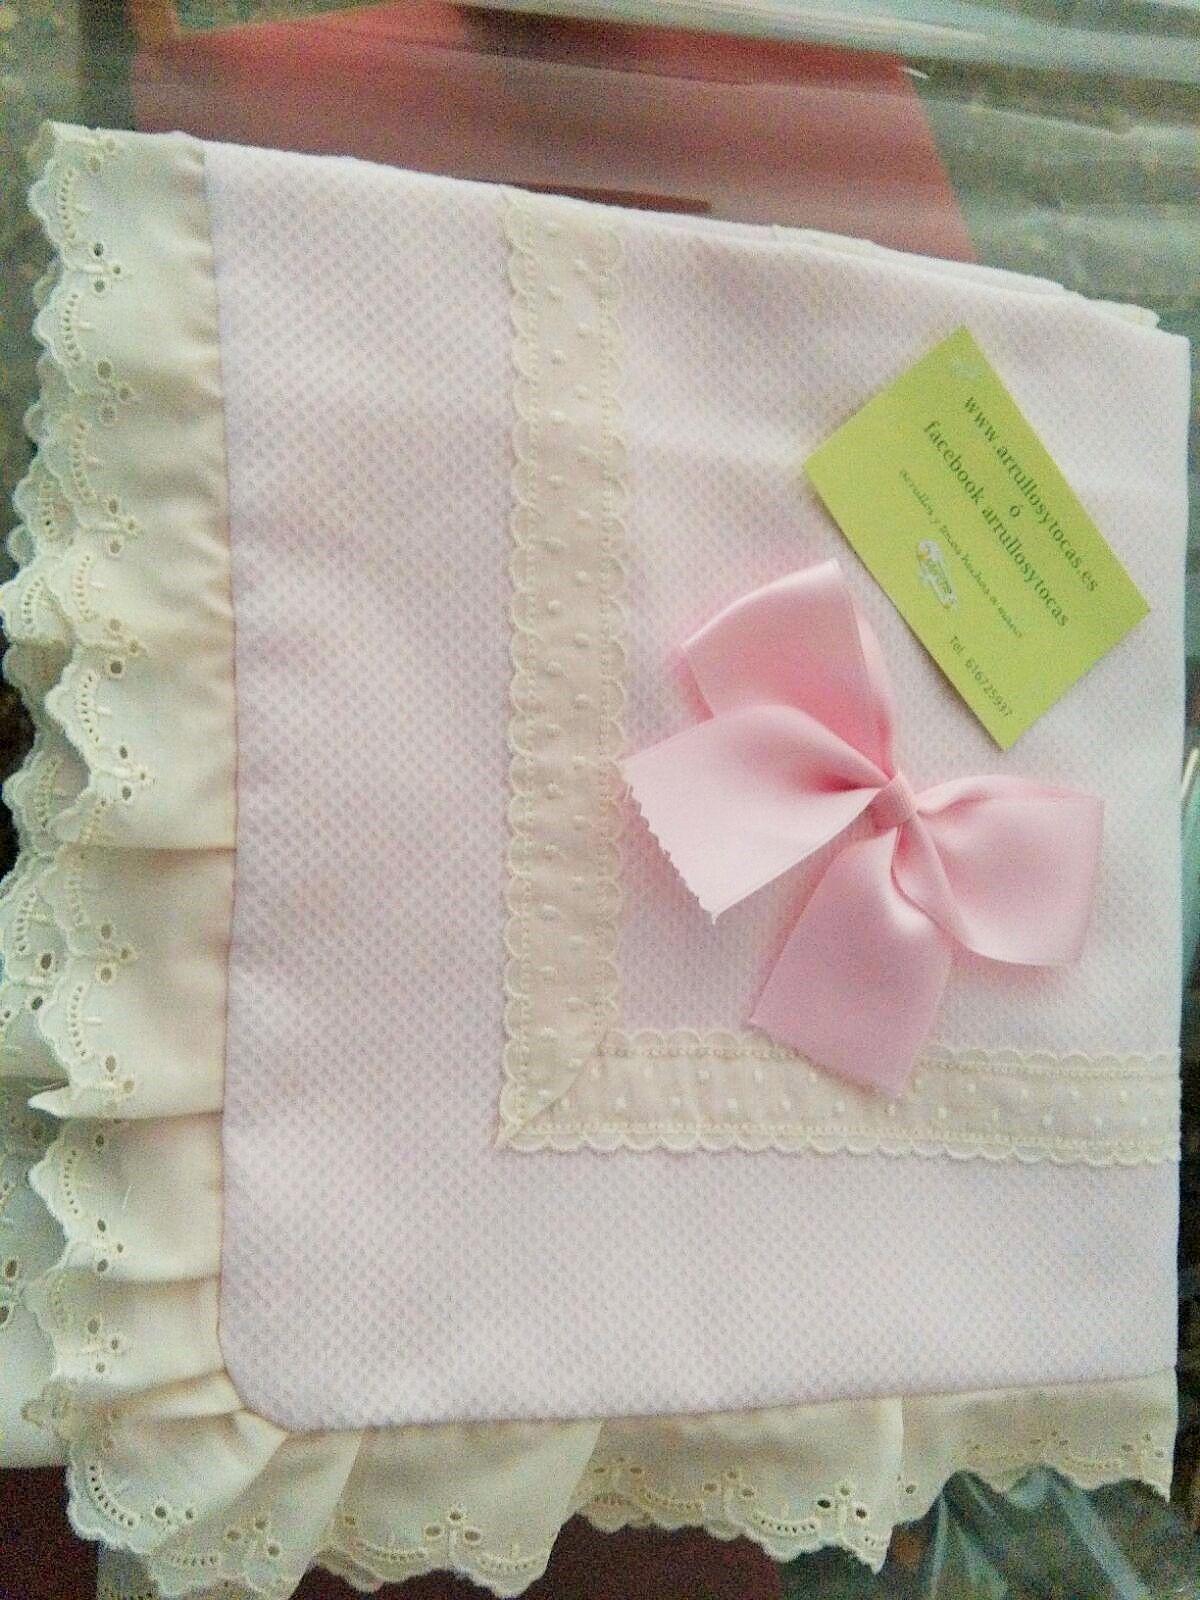 Arrullos para beb s arrullos personalizados arrullos - Cambiador bebe patchwork ...